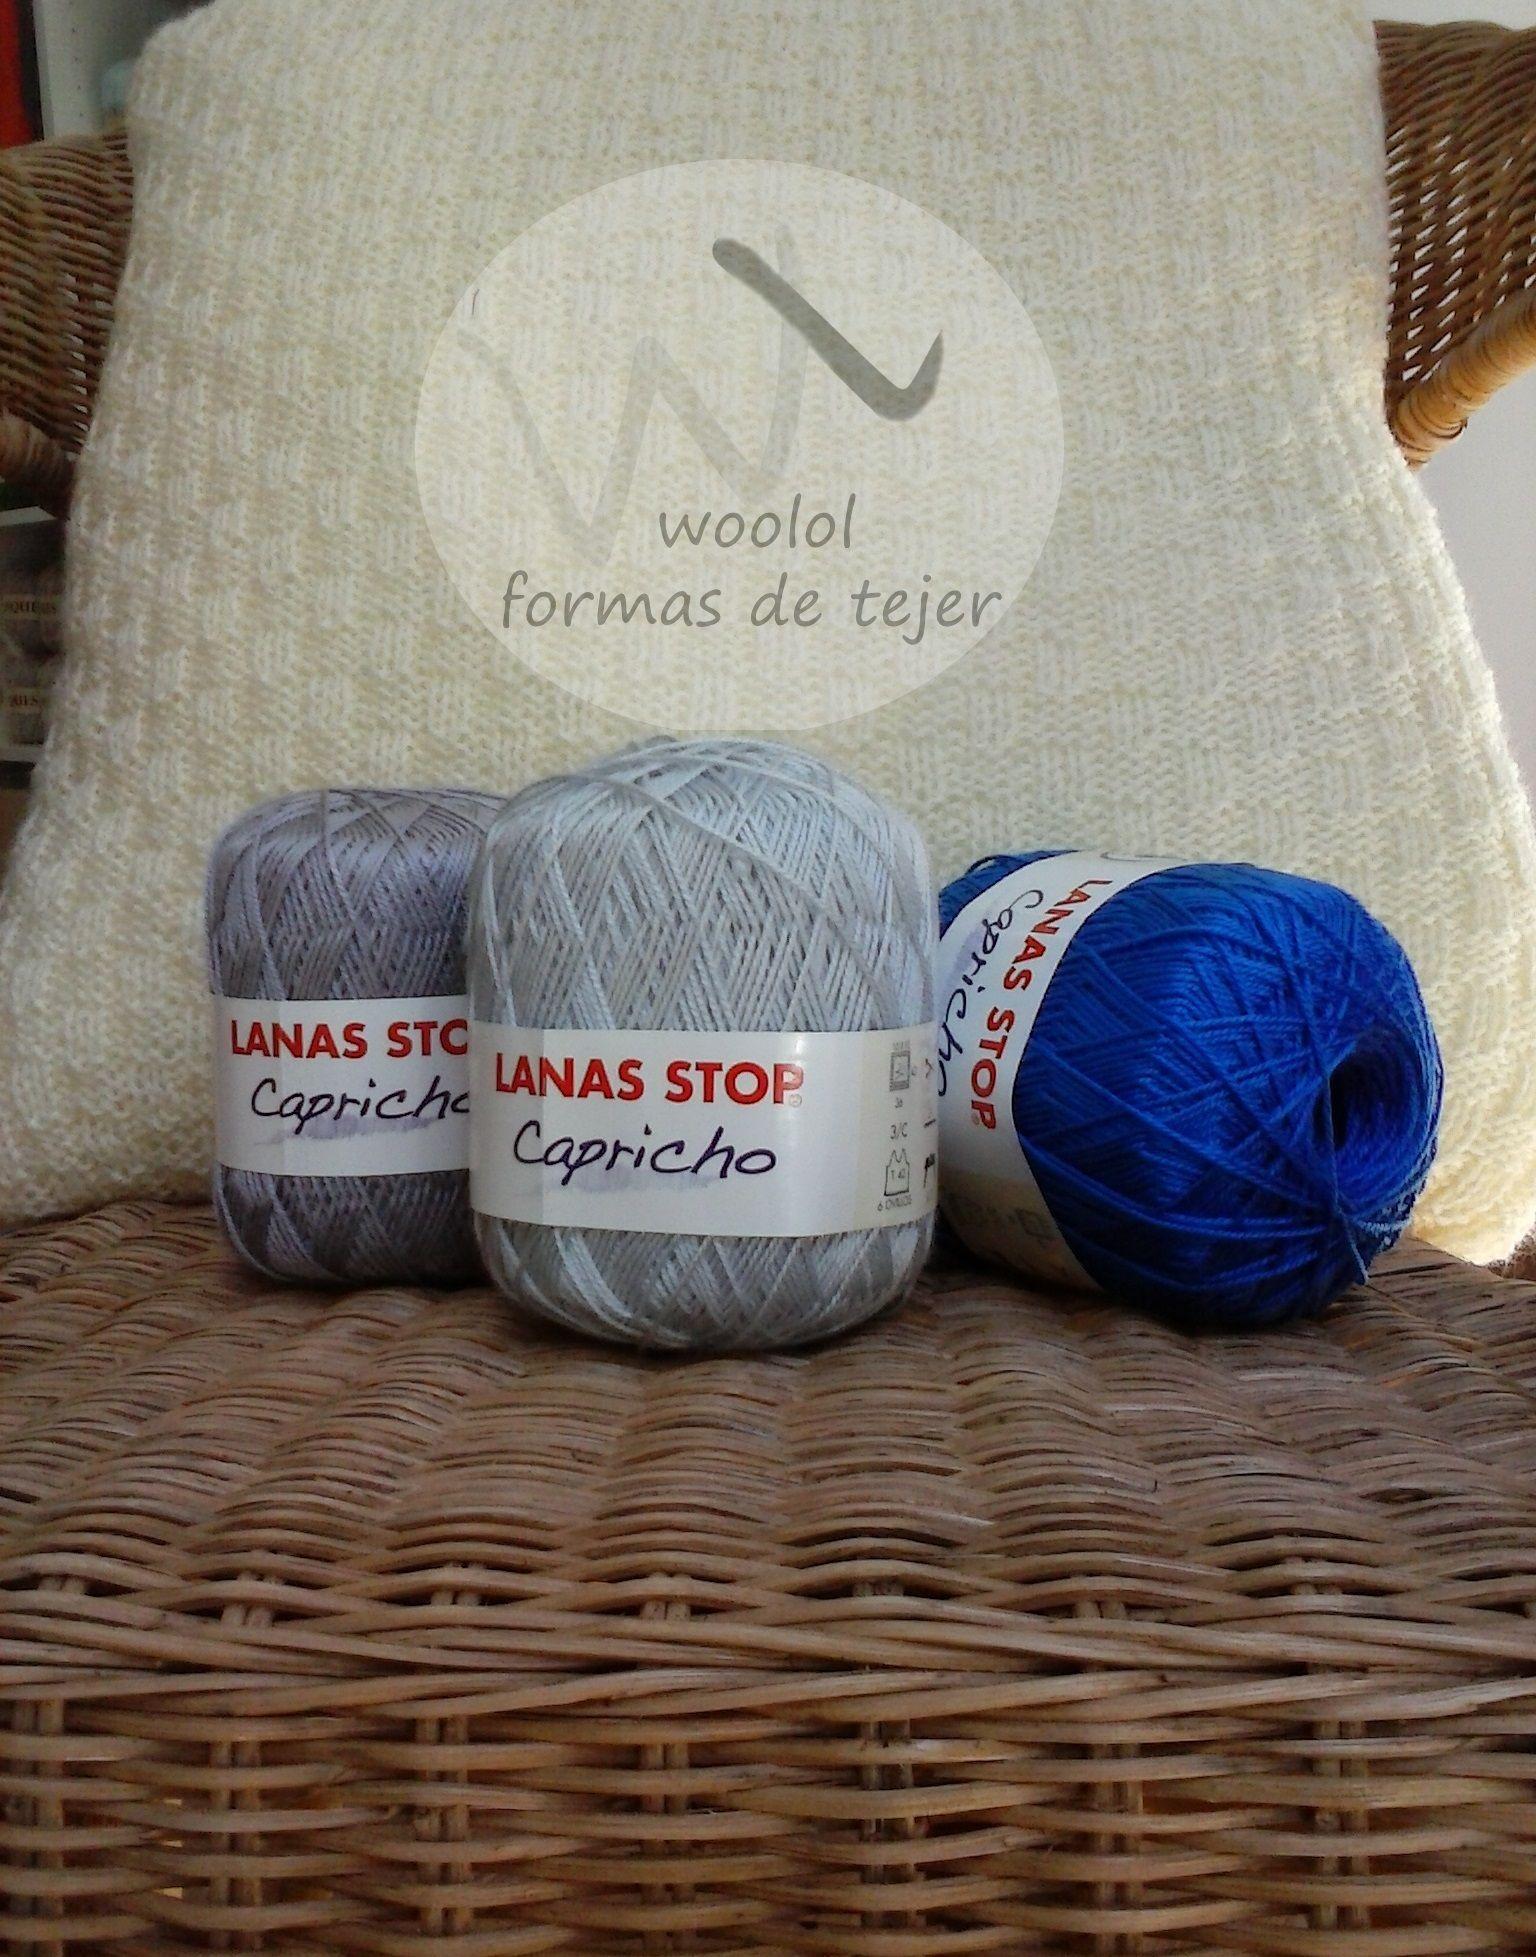 Woolol Formas de Tejer (wkosty) en Pinterest